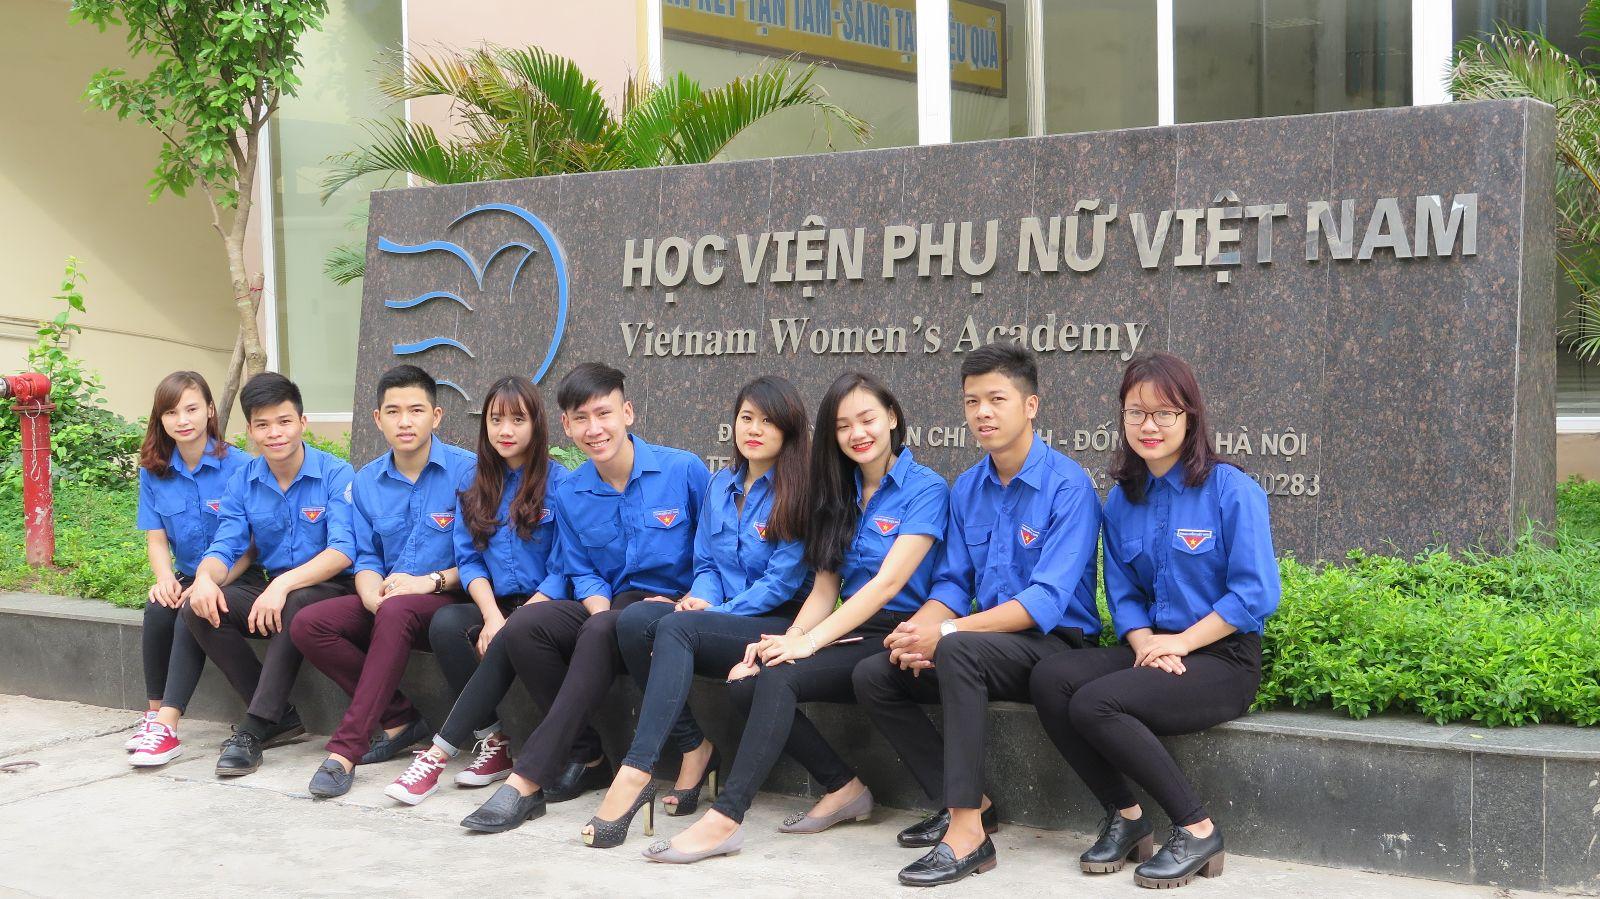 Ký túc xá khang trang, hiện đại phục vụ học tập, sinh hoạt của sinh viên Học viện Phụ nữ Việt Nam